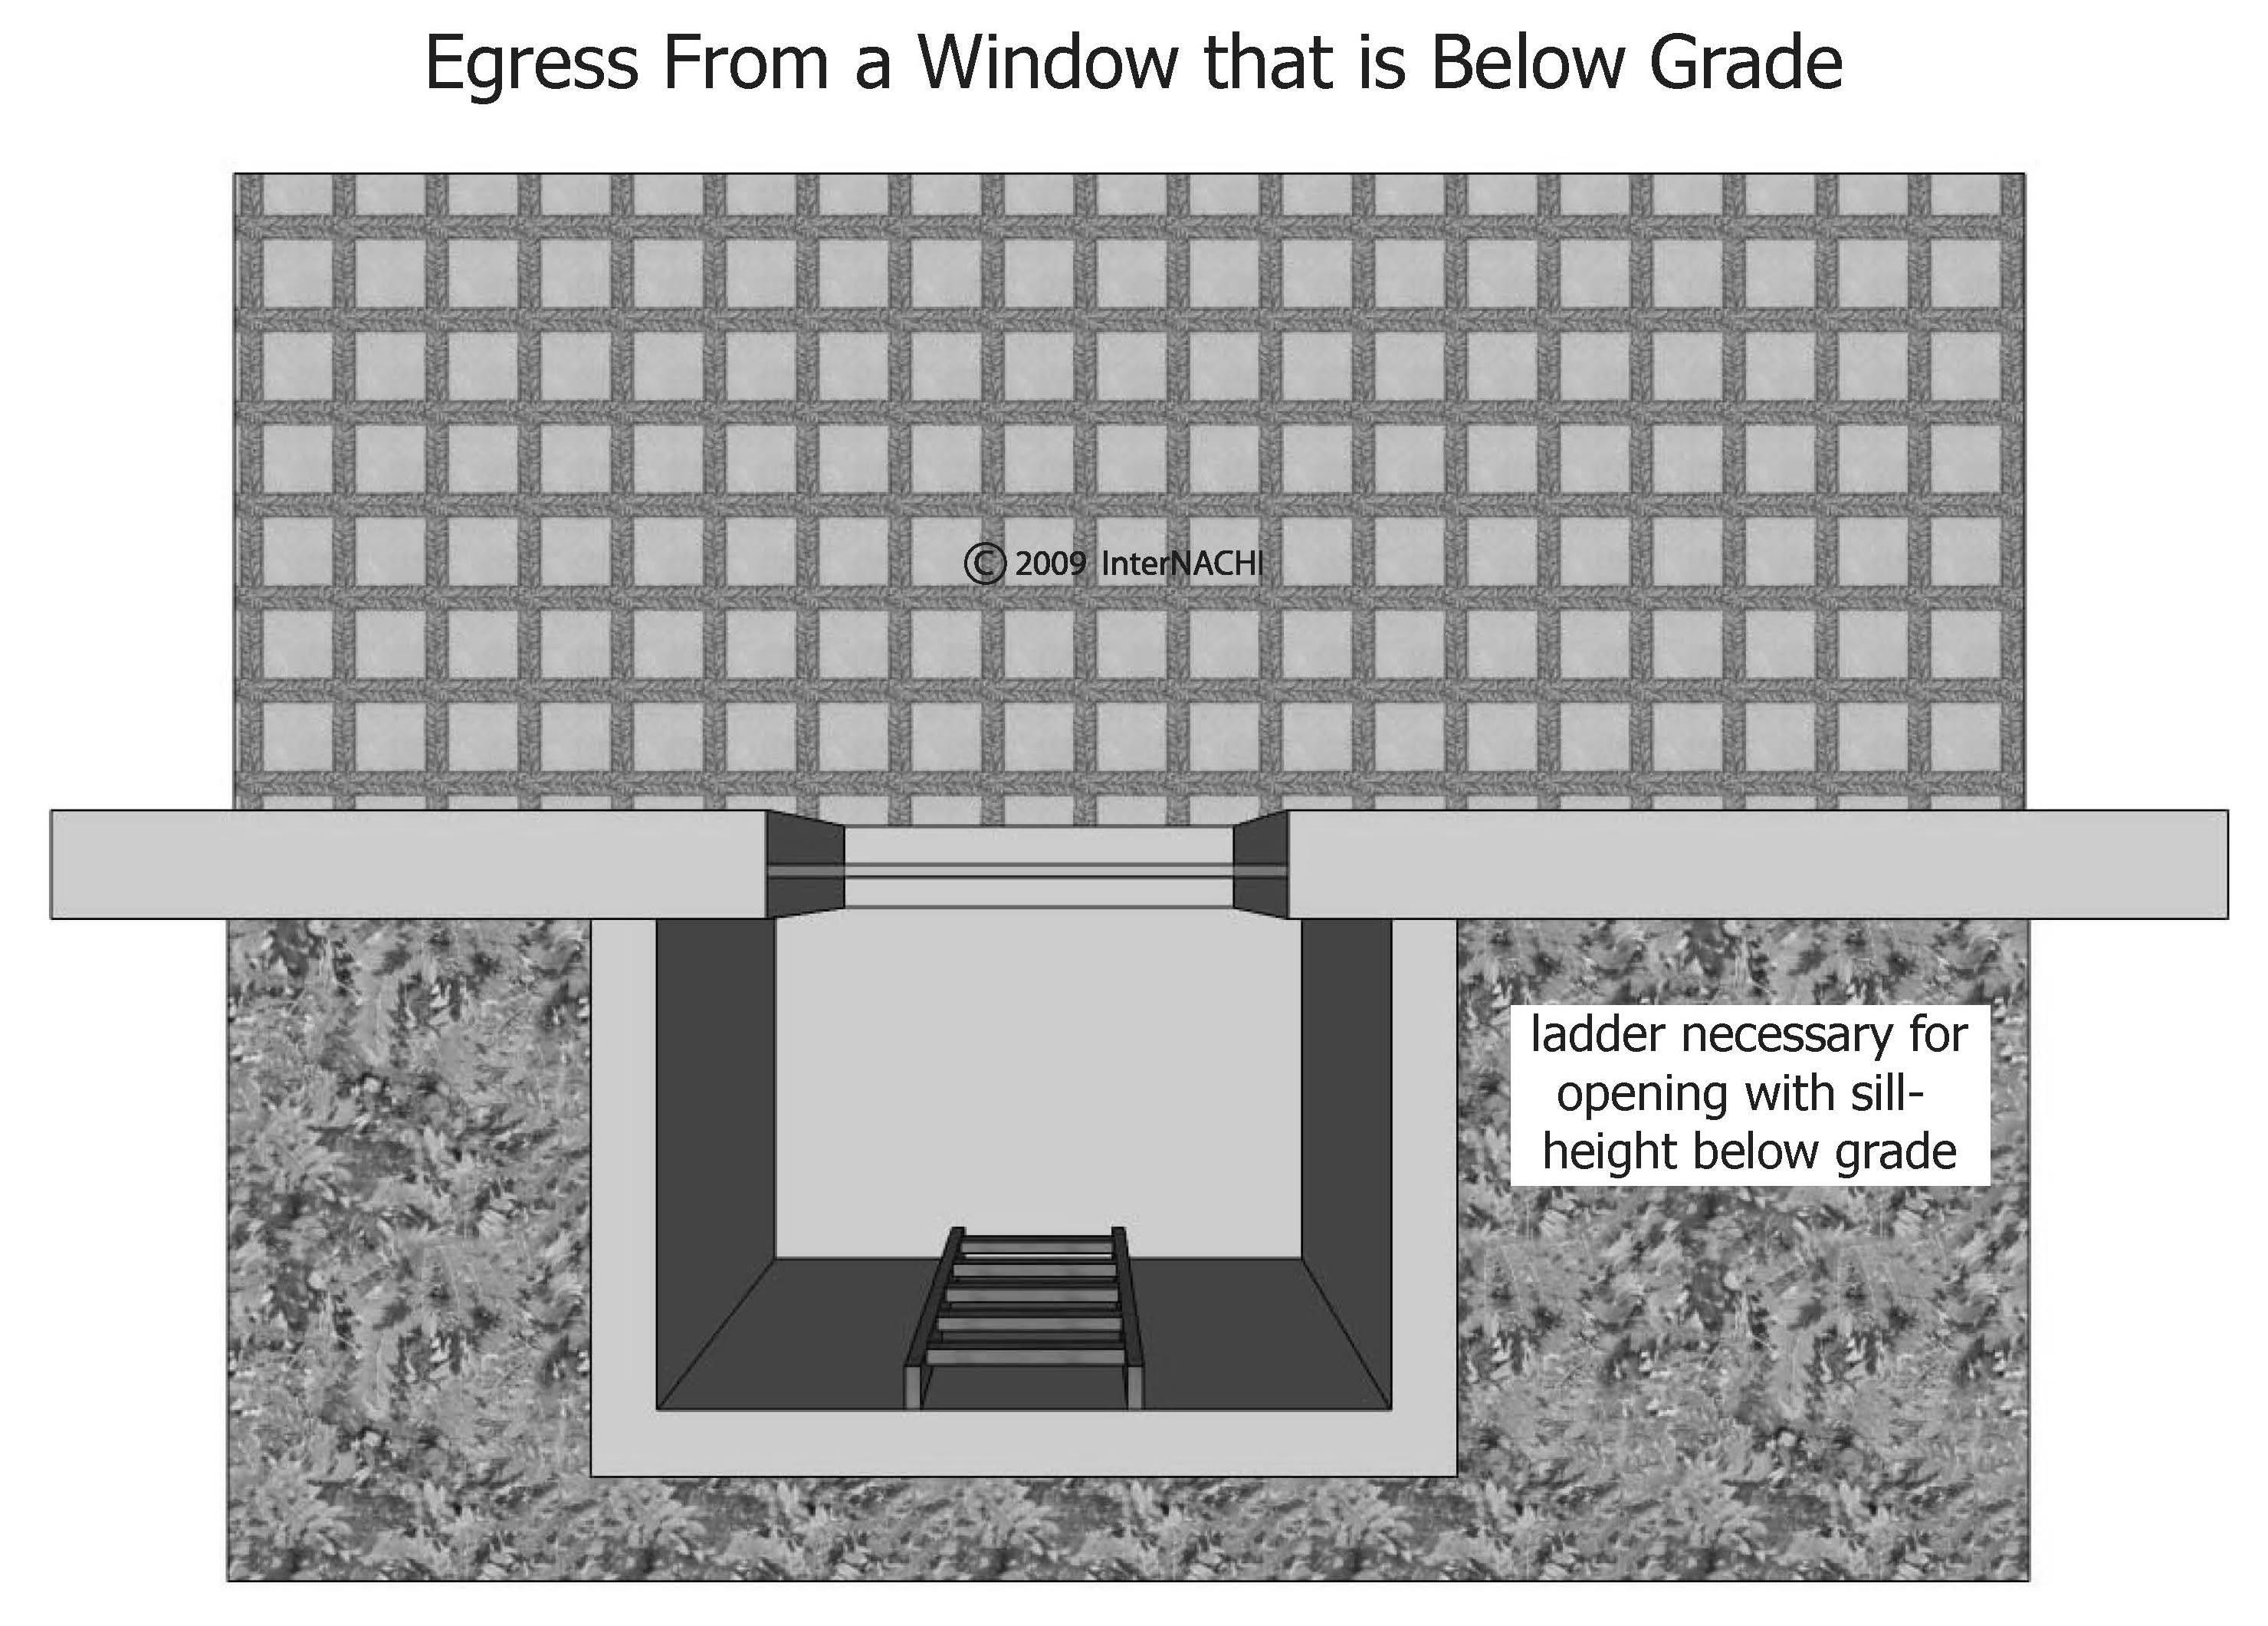 Egress window below grade.